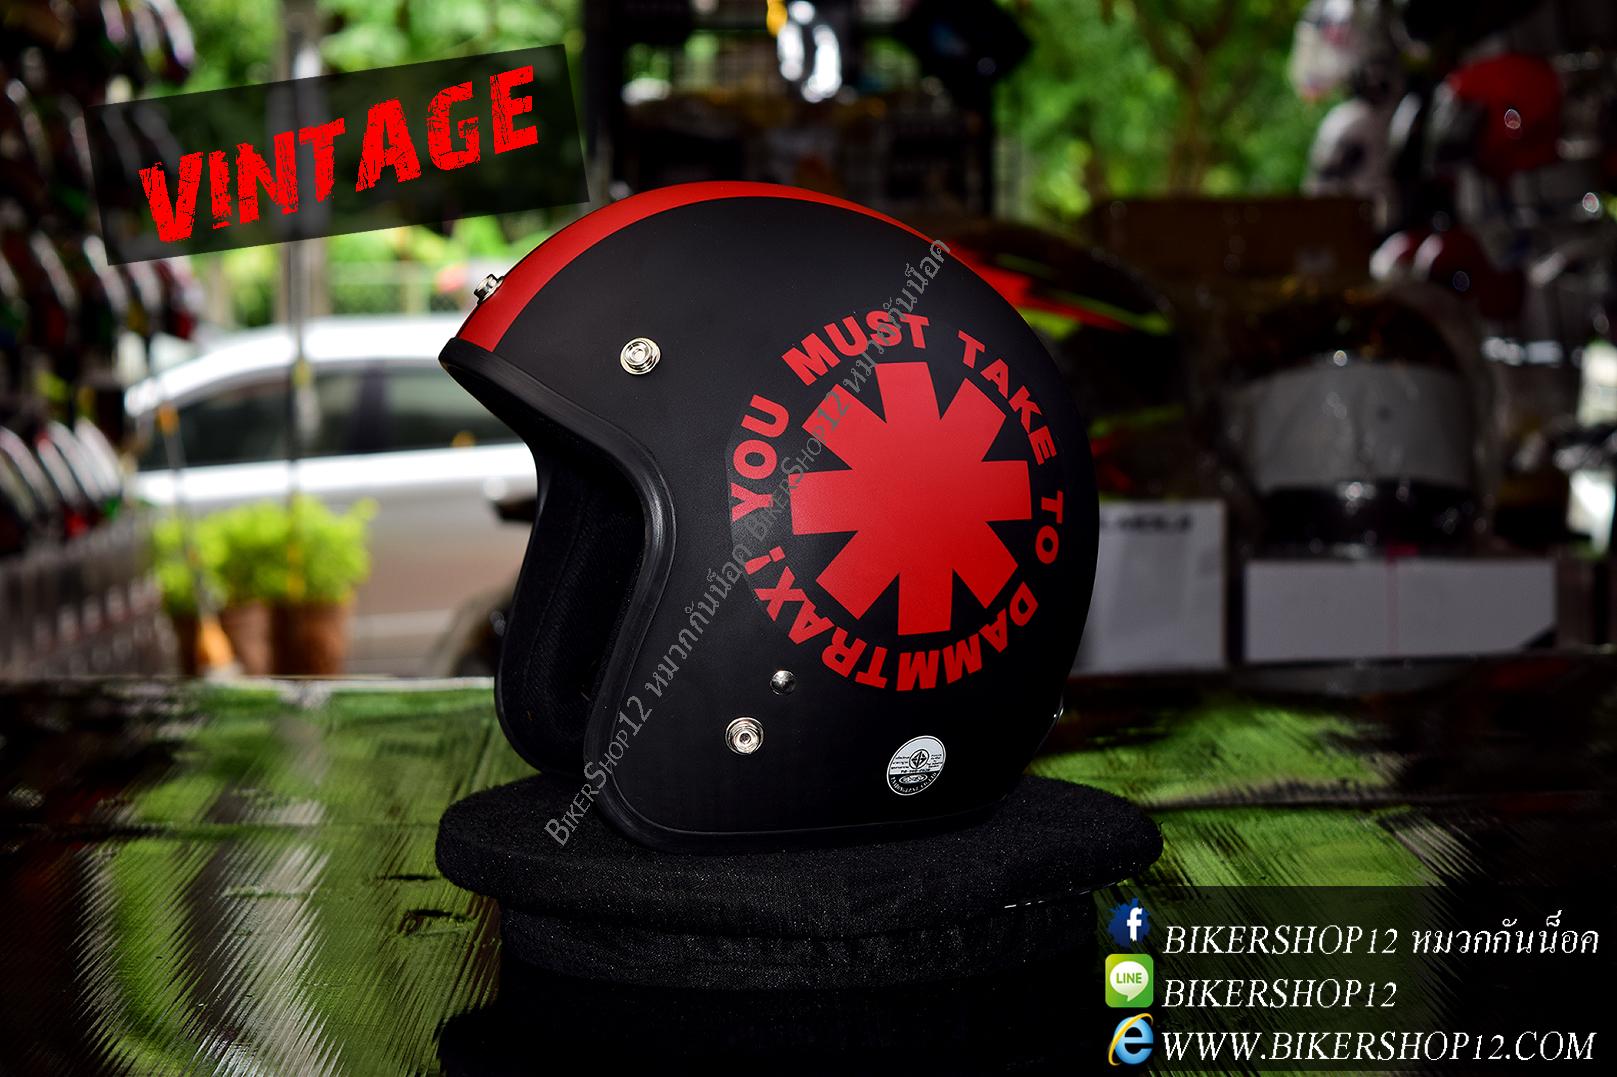 หมวกกันน็อคคลาสสิก 5เป๊ก สีดำด้านลายแดง (LB Speed Wheel)